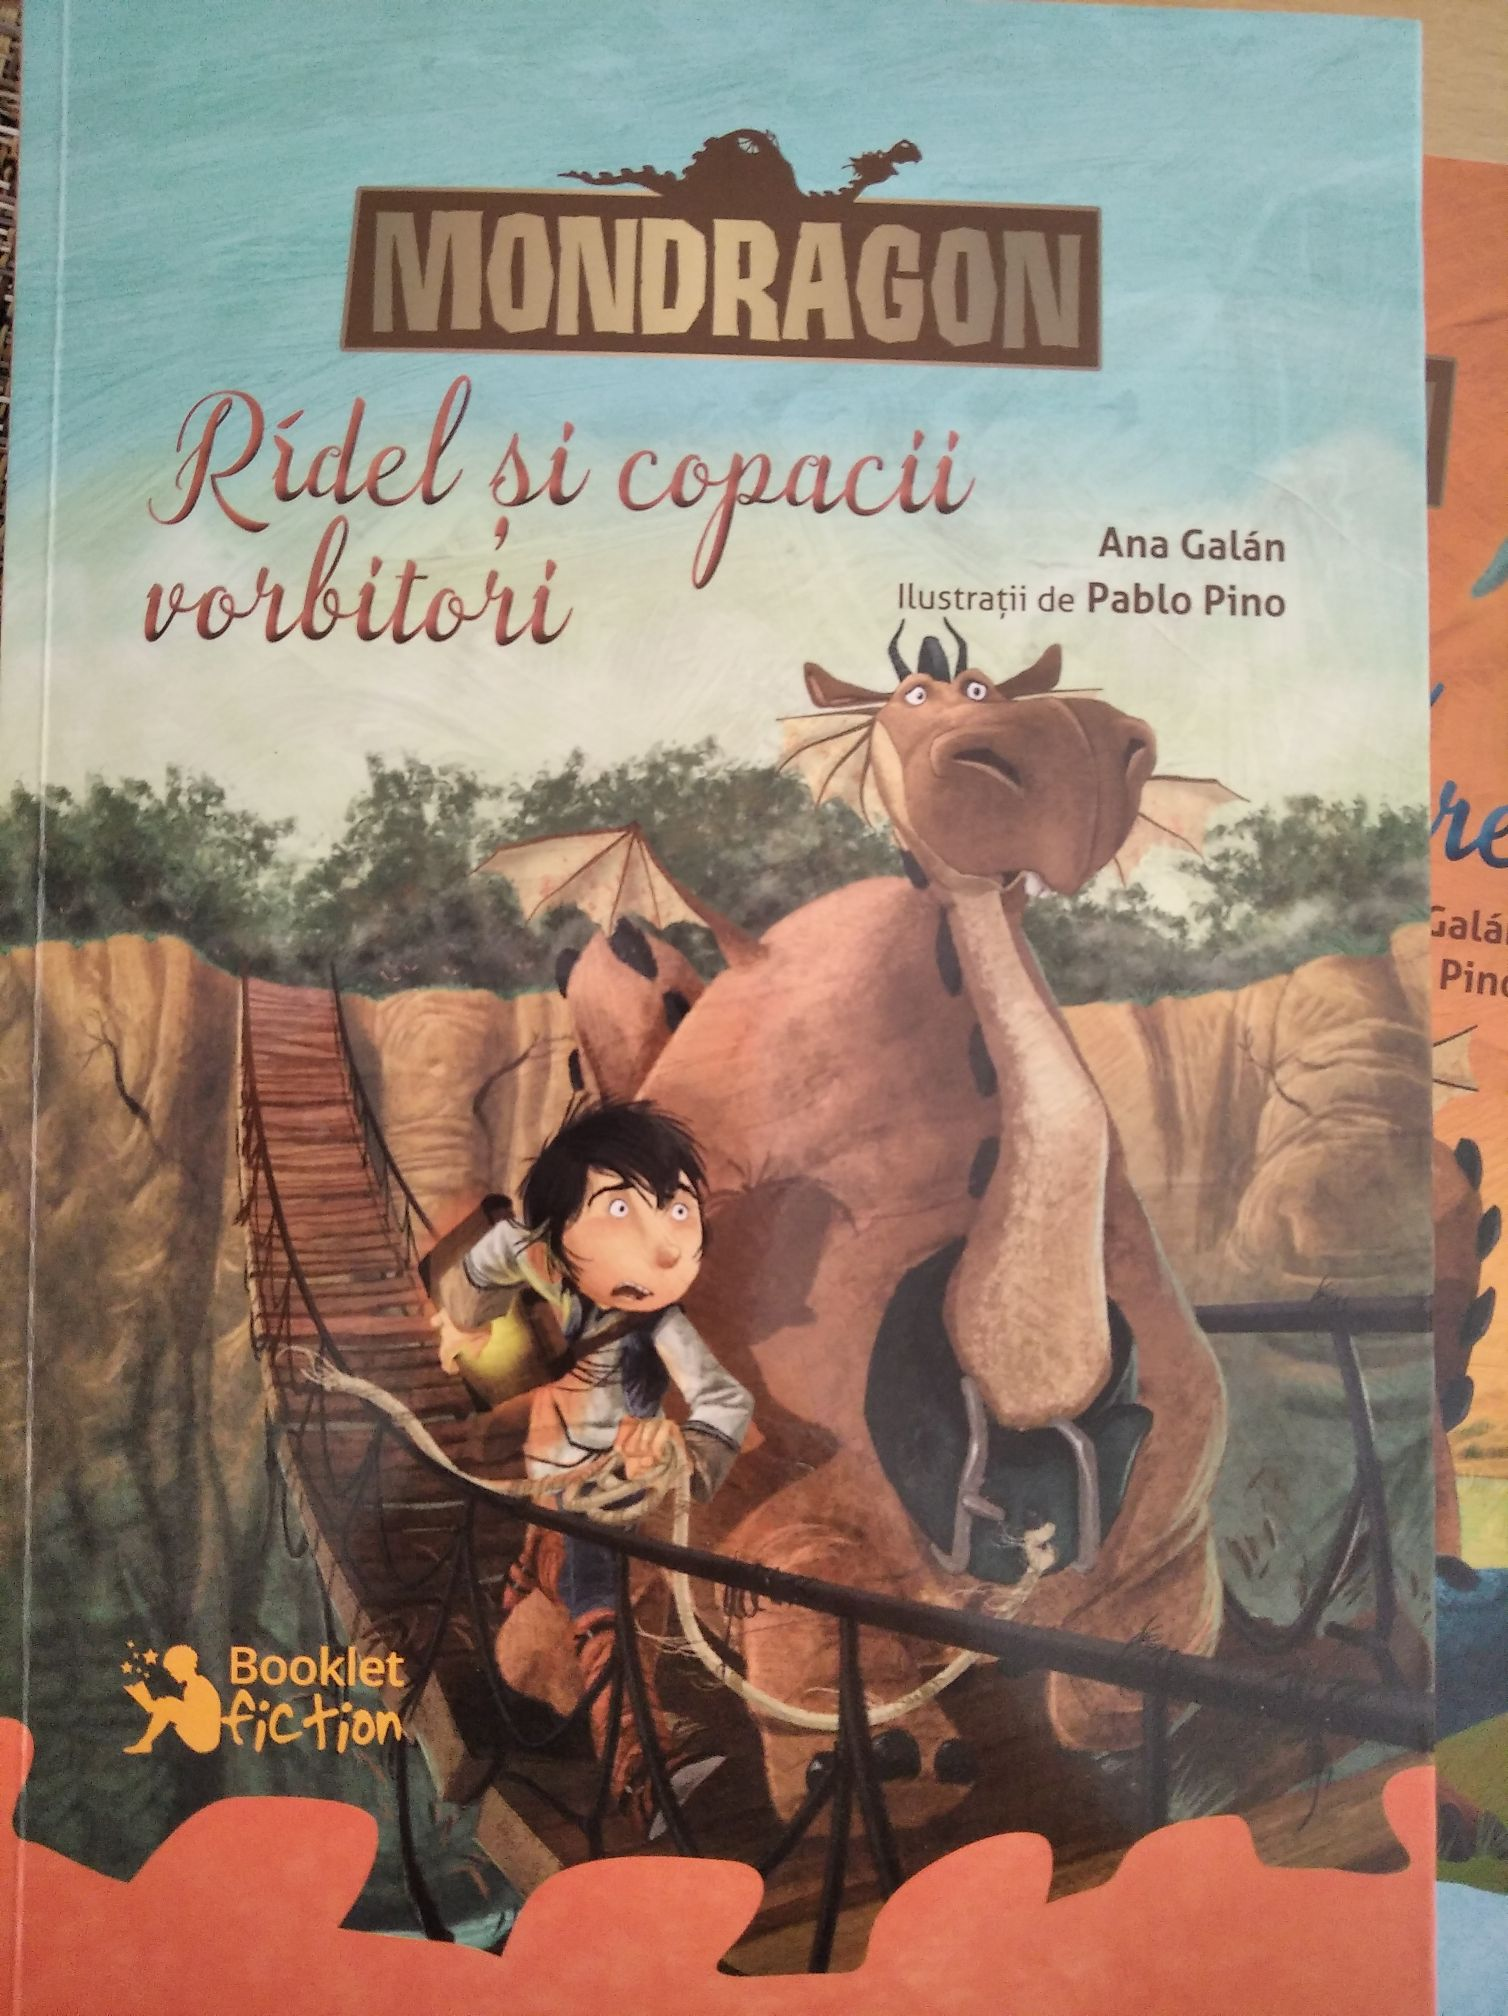 Mondragon- Ridel și copacii vorbitori